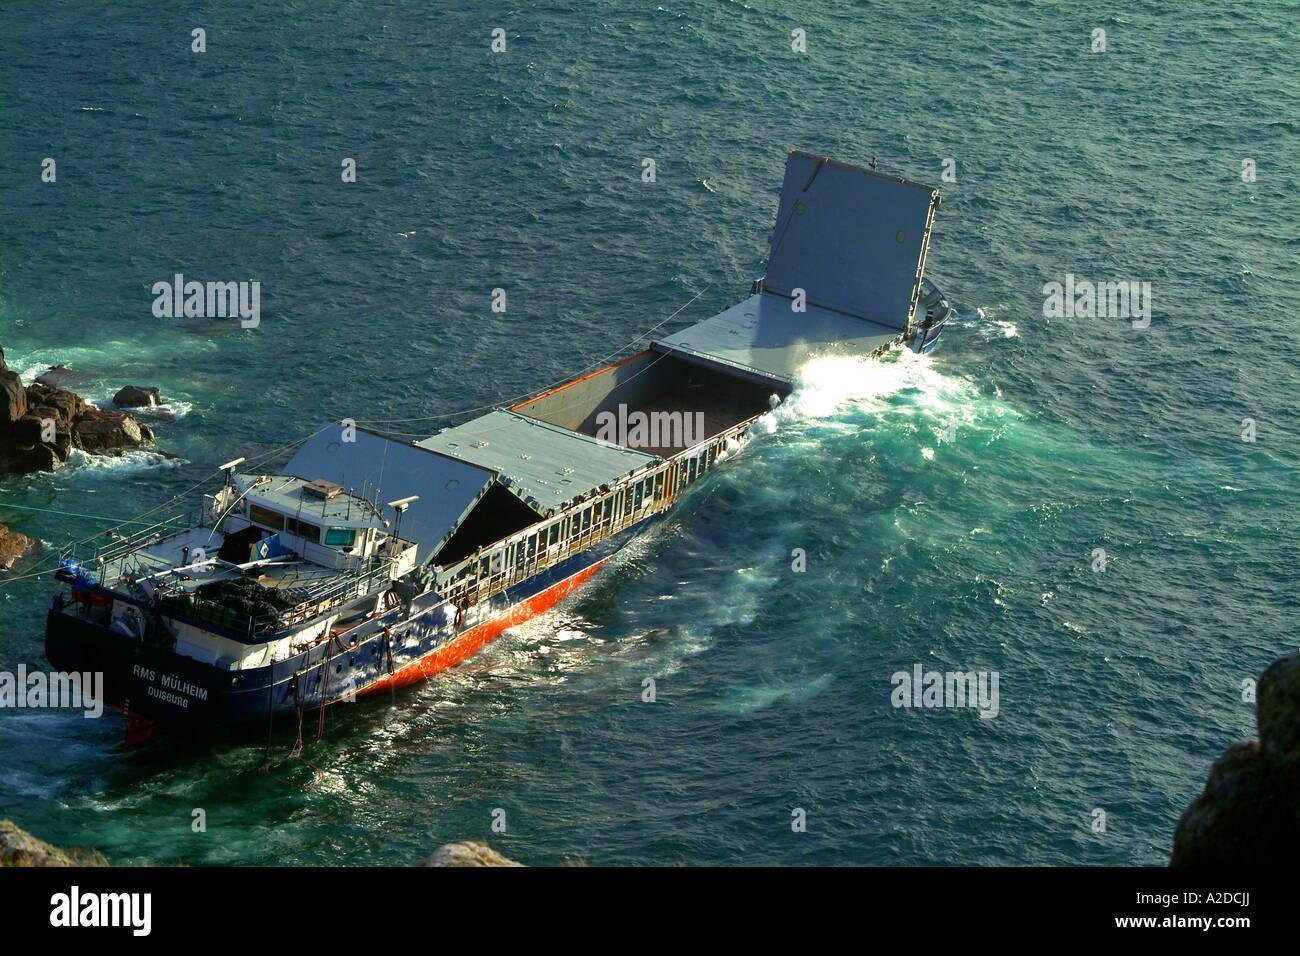 SHIPWRECK CORNISH COAST ENGLAND UK - Stock Image